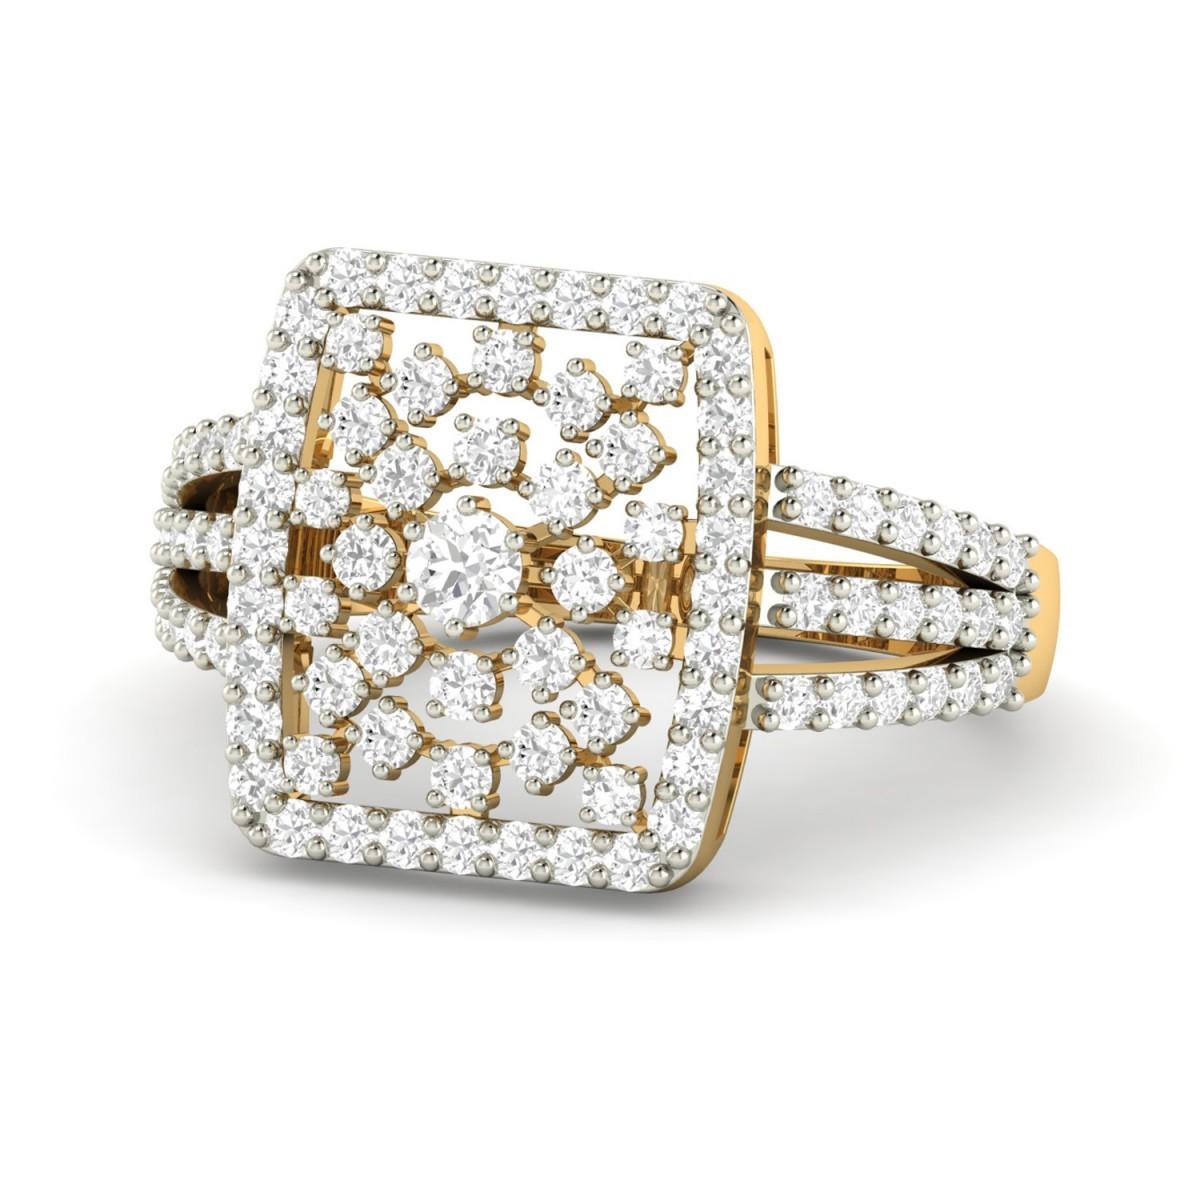 Gold diamond wedding rings for women